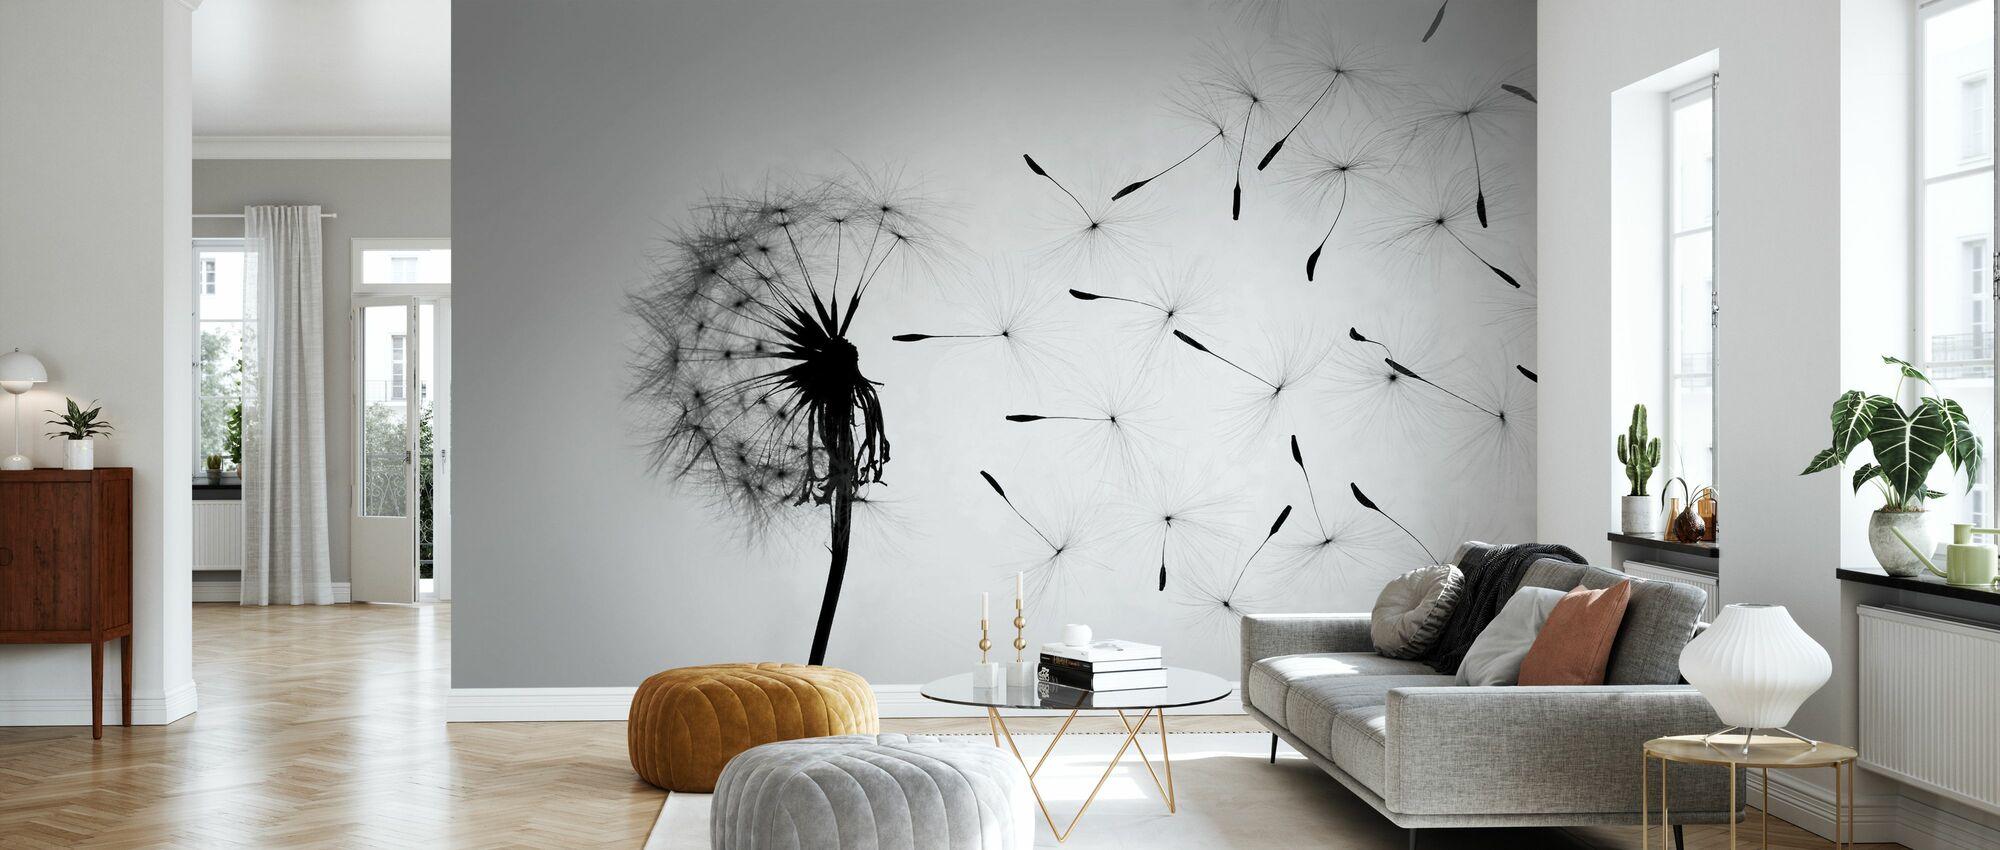 Dandelion - Black White - Wallpaper - Living Room